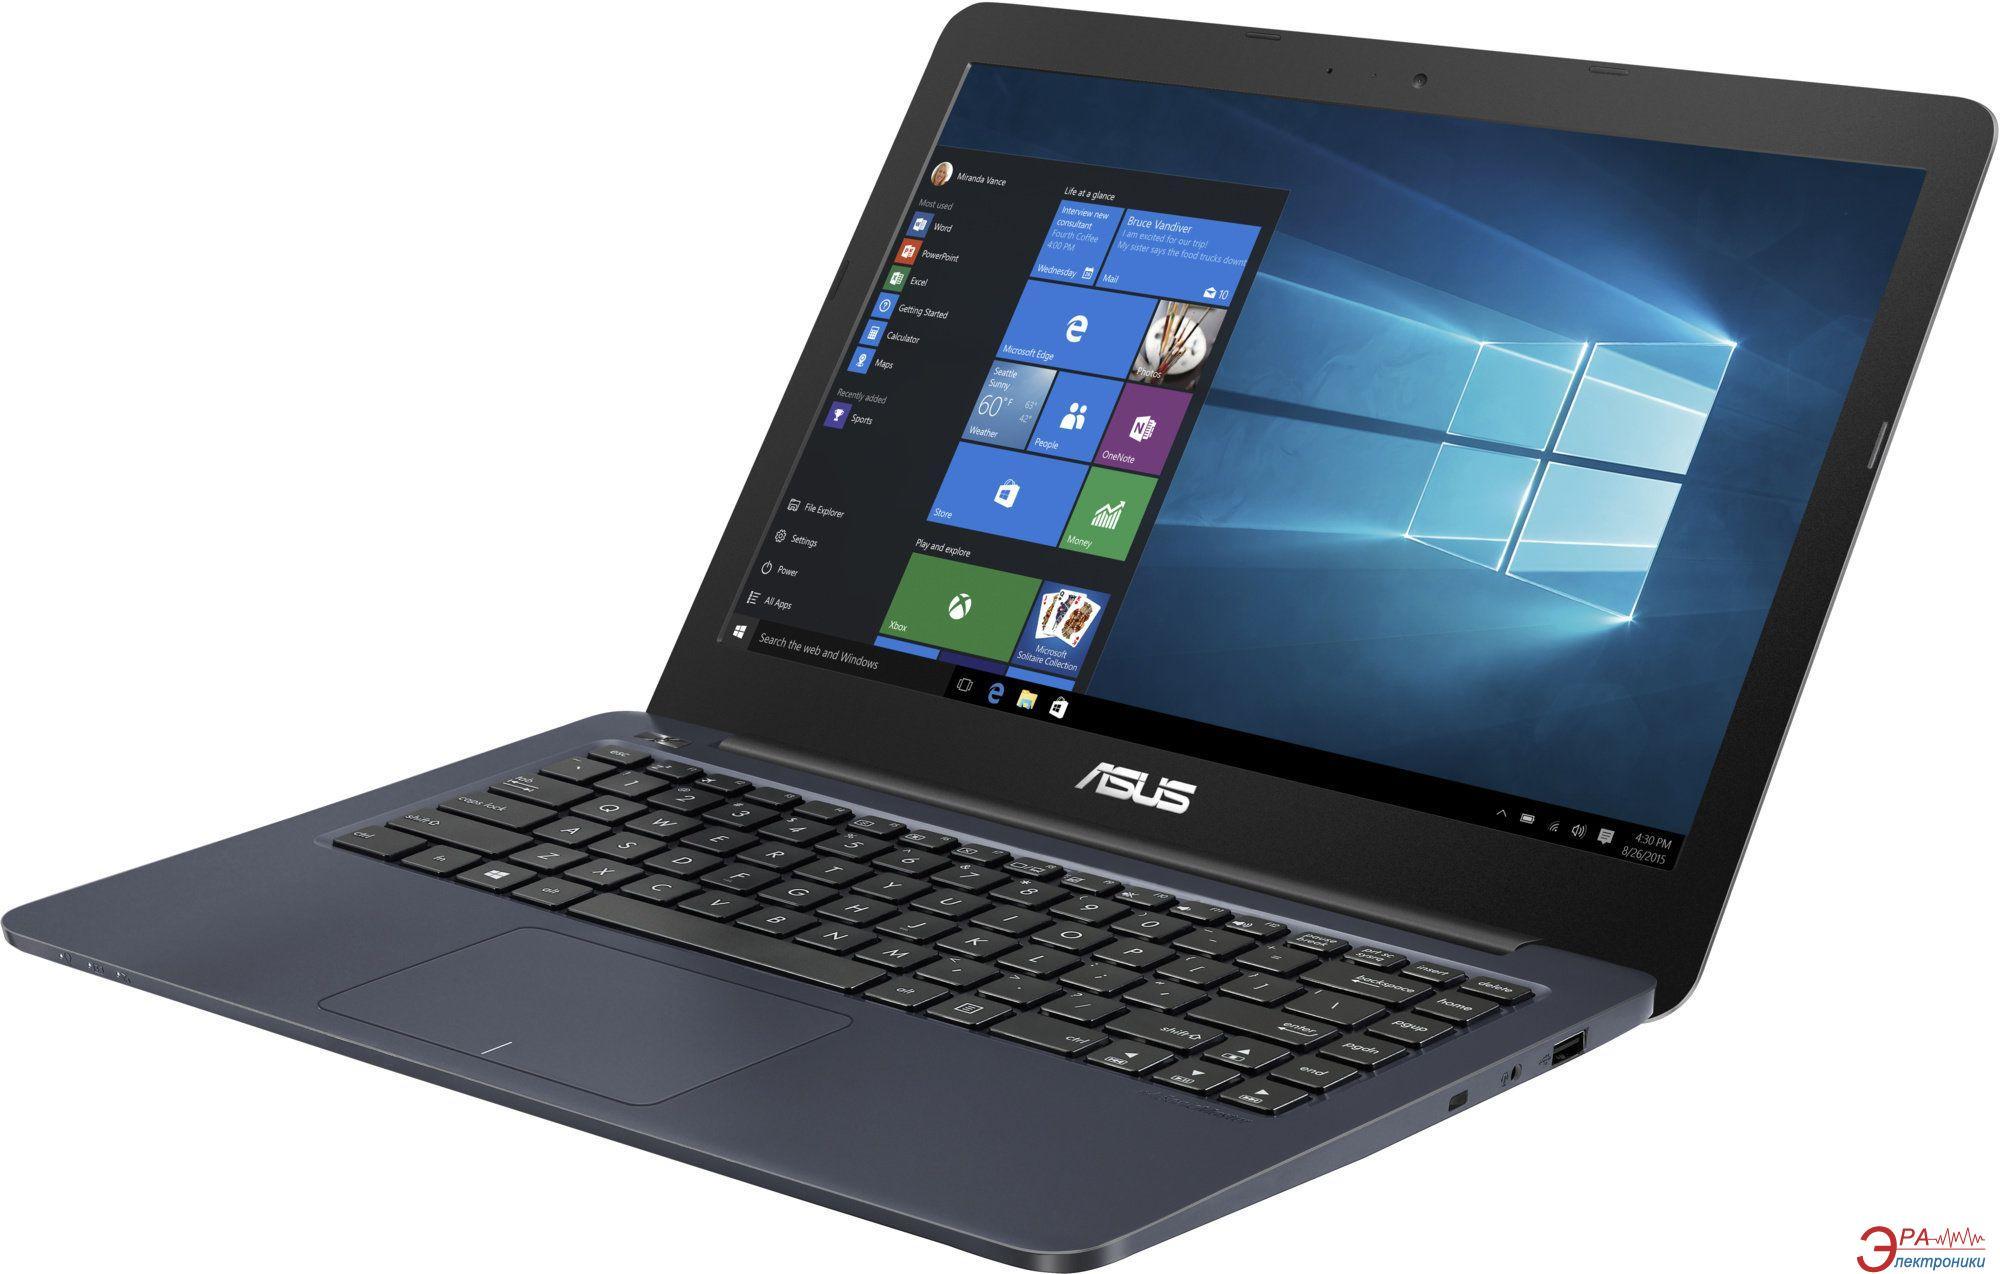 Ноутбук Asus E402MA-WX0036D (90NL0033-M04030) Blue 14